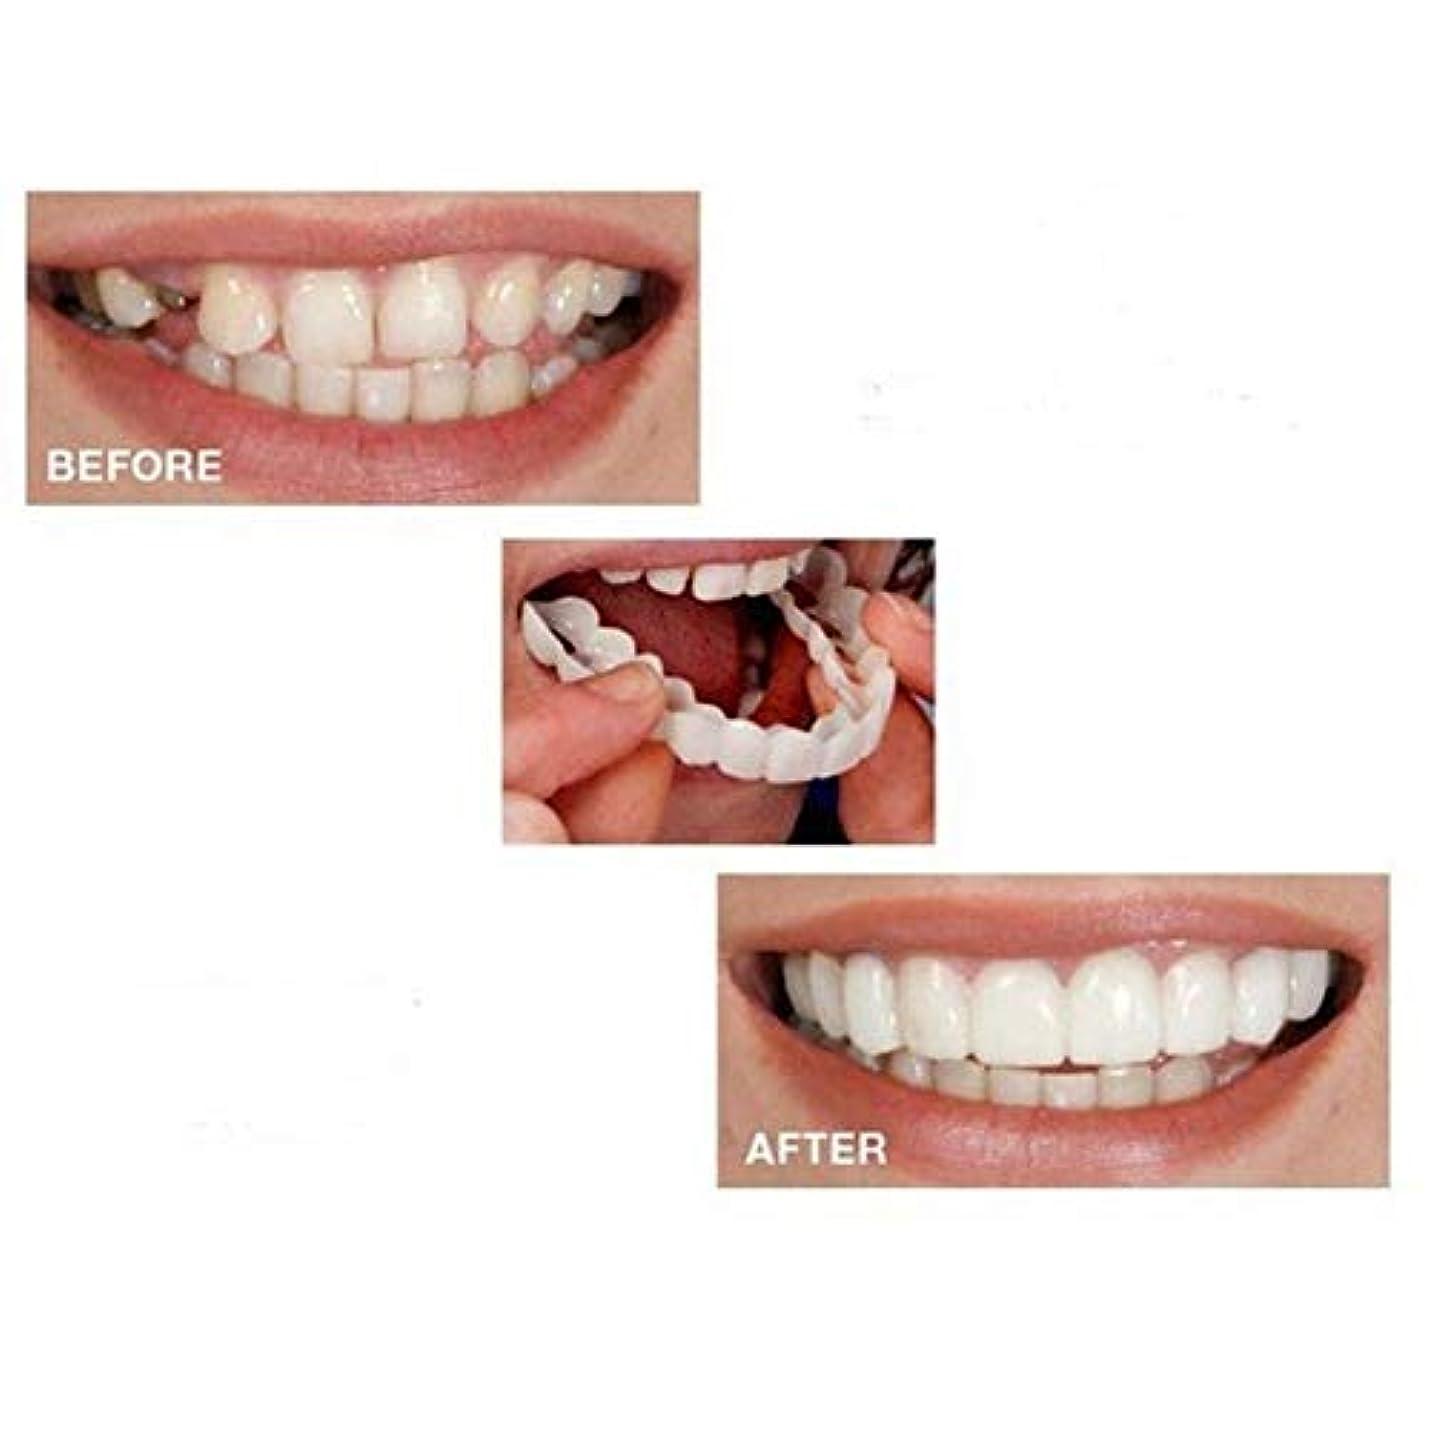 トピック華氏害虫歯のベニアの6ペアは即座パーフェクトサスペンダー美白カバリング不規則な、ステンドグラス、行方不明ひび割れた歯にクリップされたスマイル